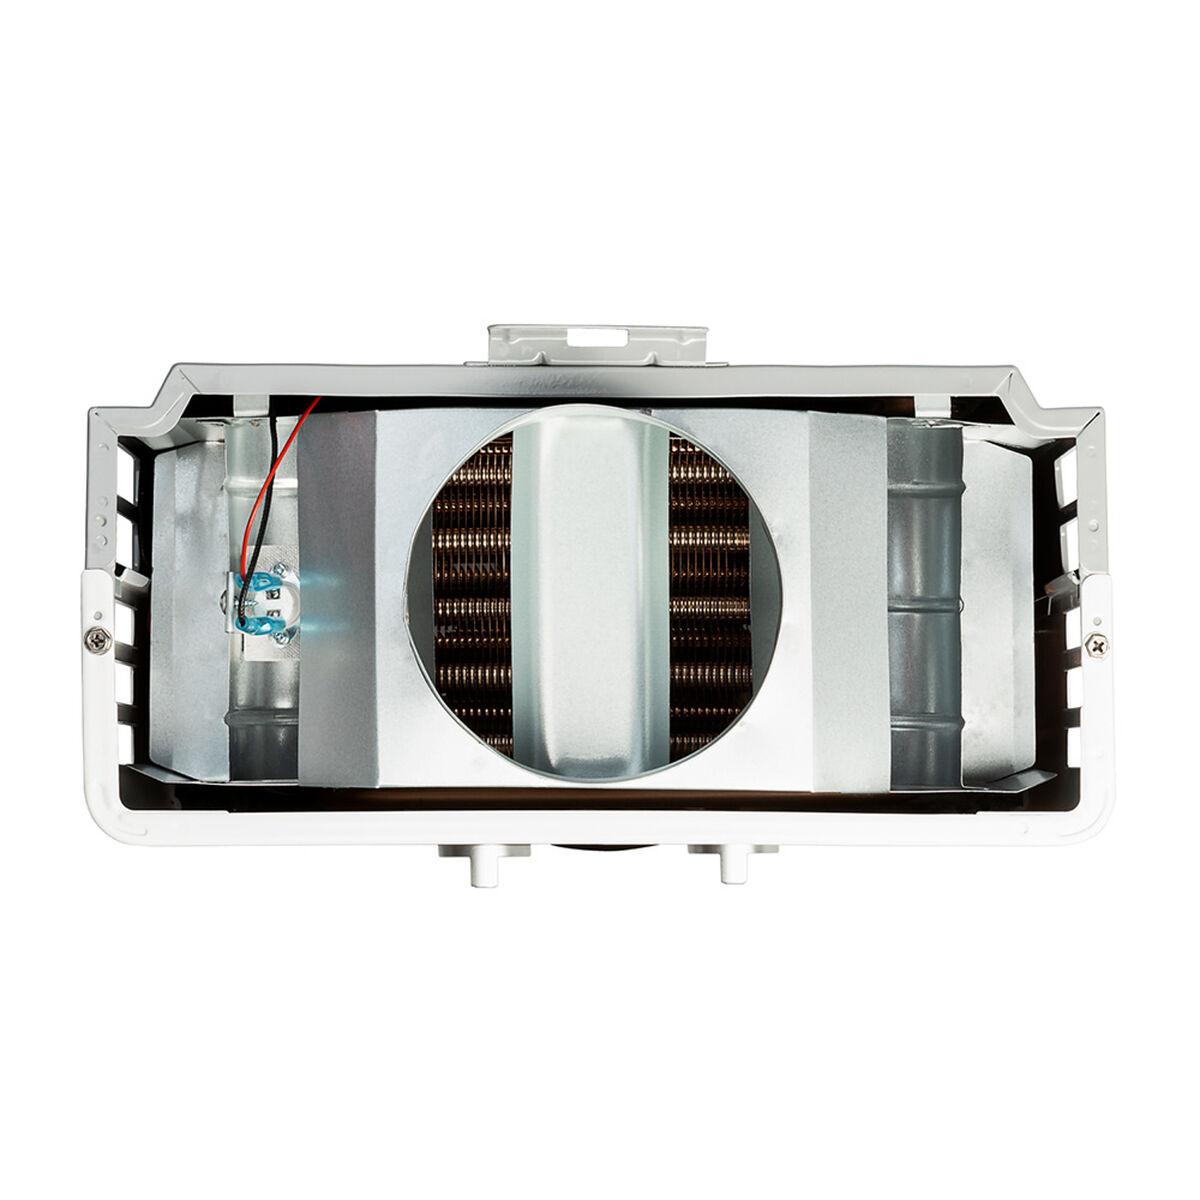 Calefont Mademsa Essen-10LT Eco-GL 10 lts.